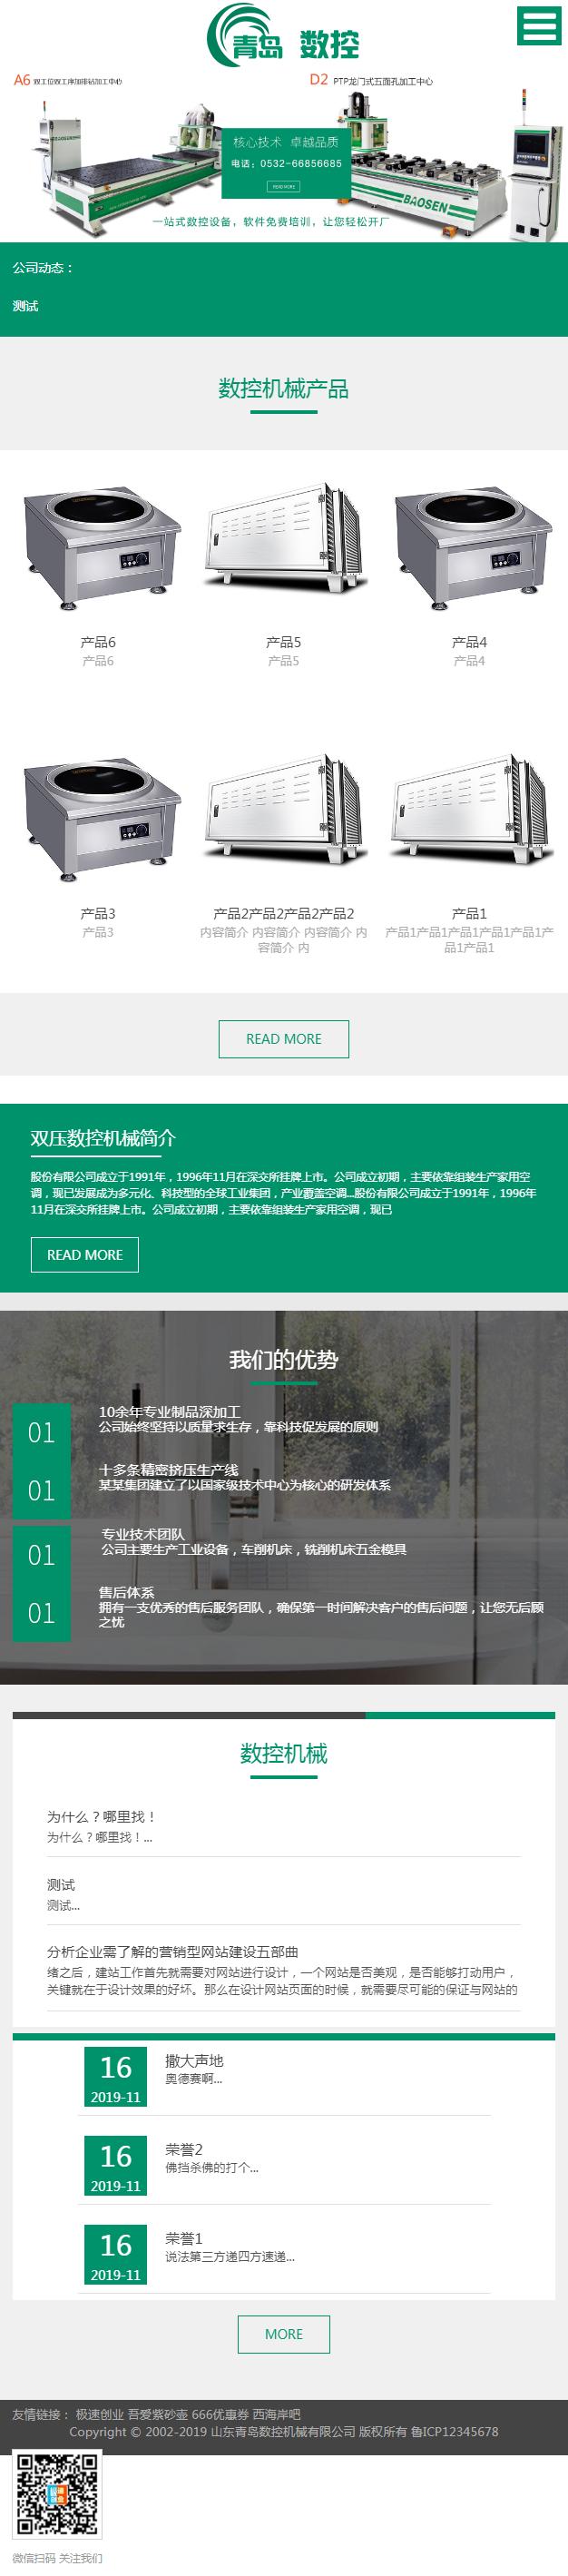 (自适应手机版)数控机械类网站帝国cms模板 HTML5机械车床加工网站源码下载3